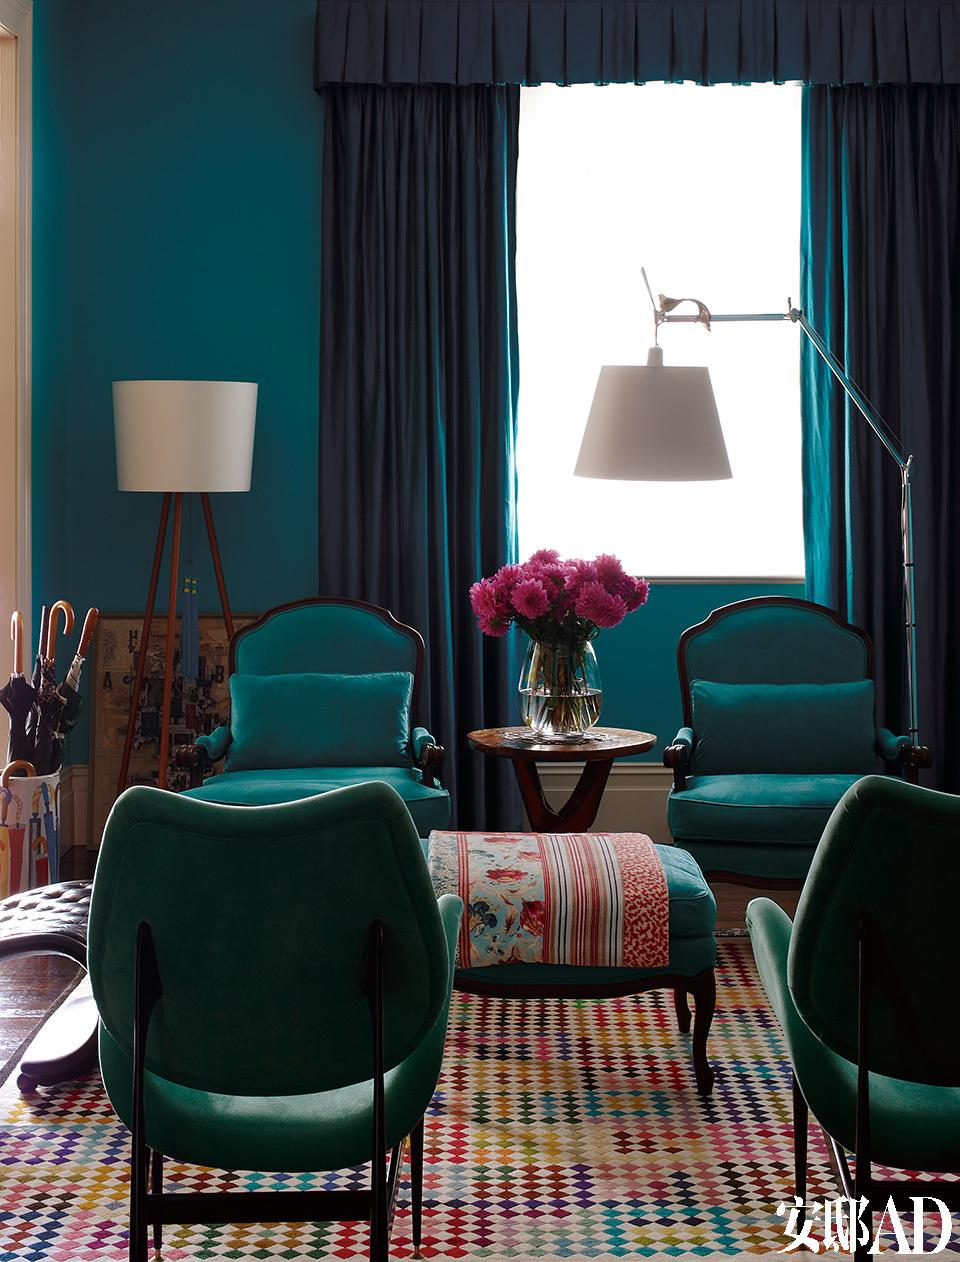 客厅中,近处Grant Featherston的1960 Scape椅与对面孔雀蓝的Sensuede路易十五风格扶手椅相映成趣,一旁是Artemide Tolomeo的阅读灯,像素化的亮色地毯在Living Art Gallery定制。